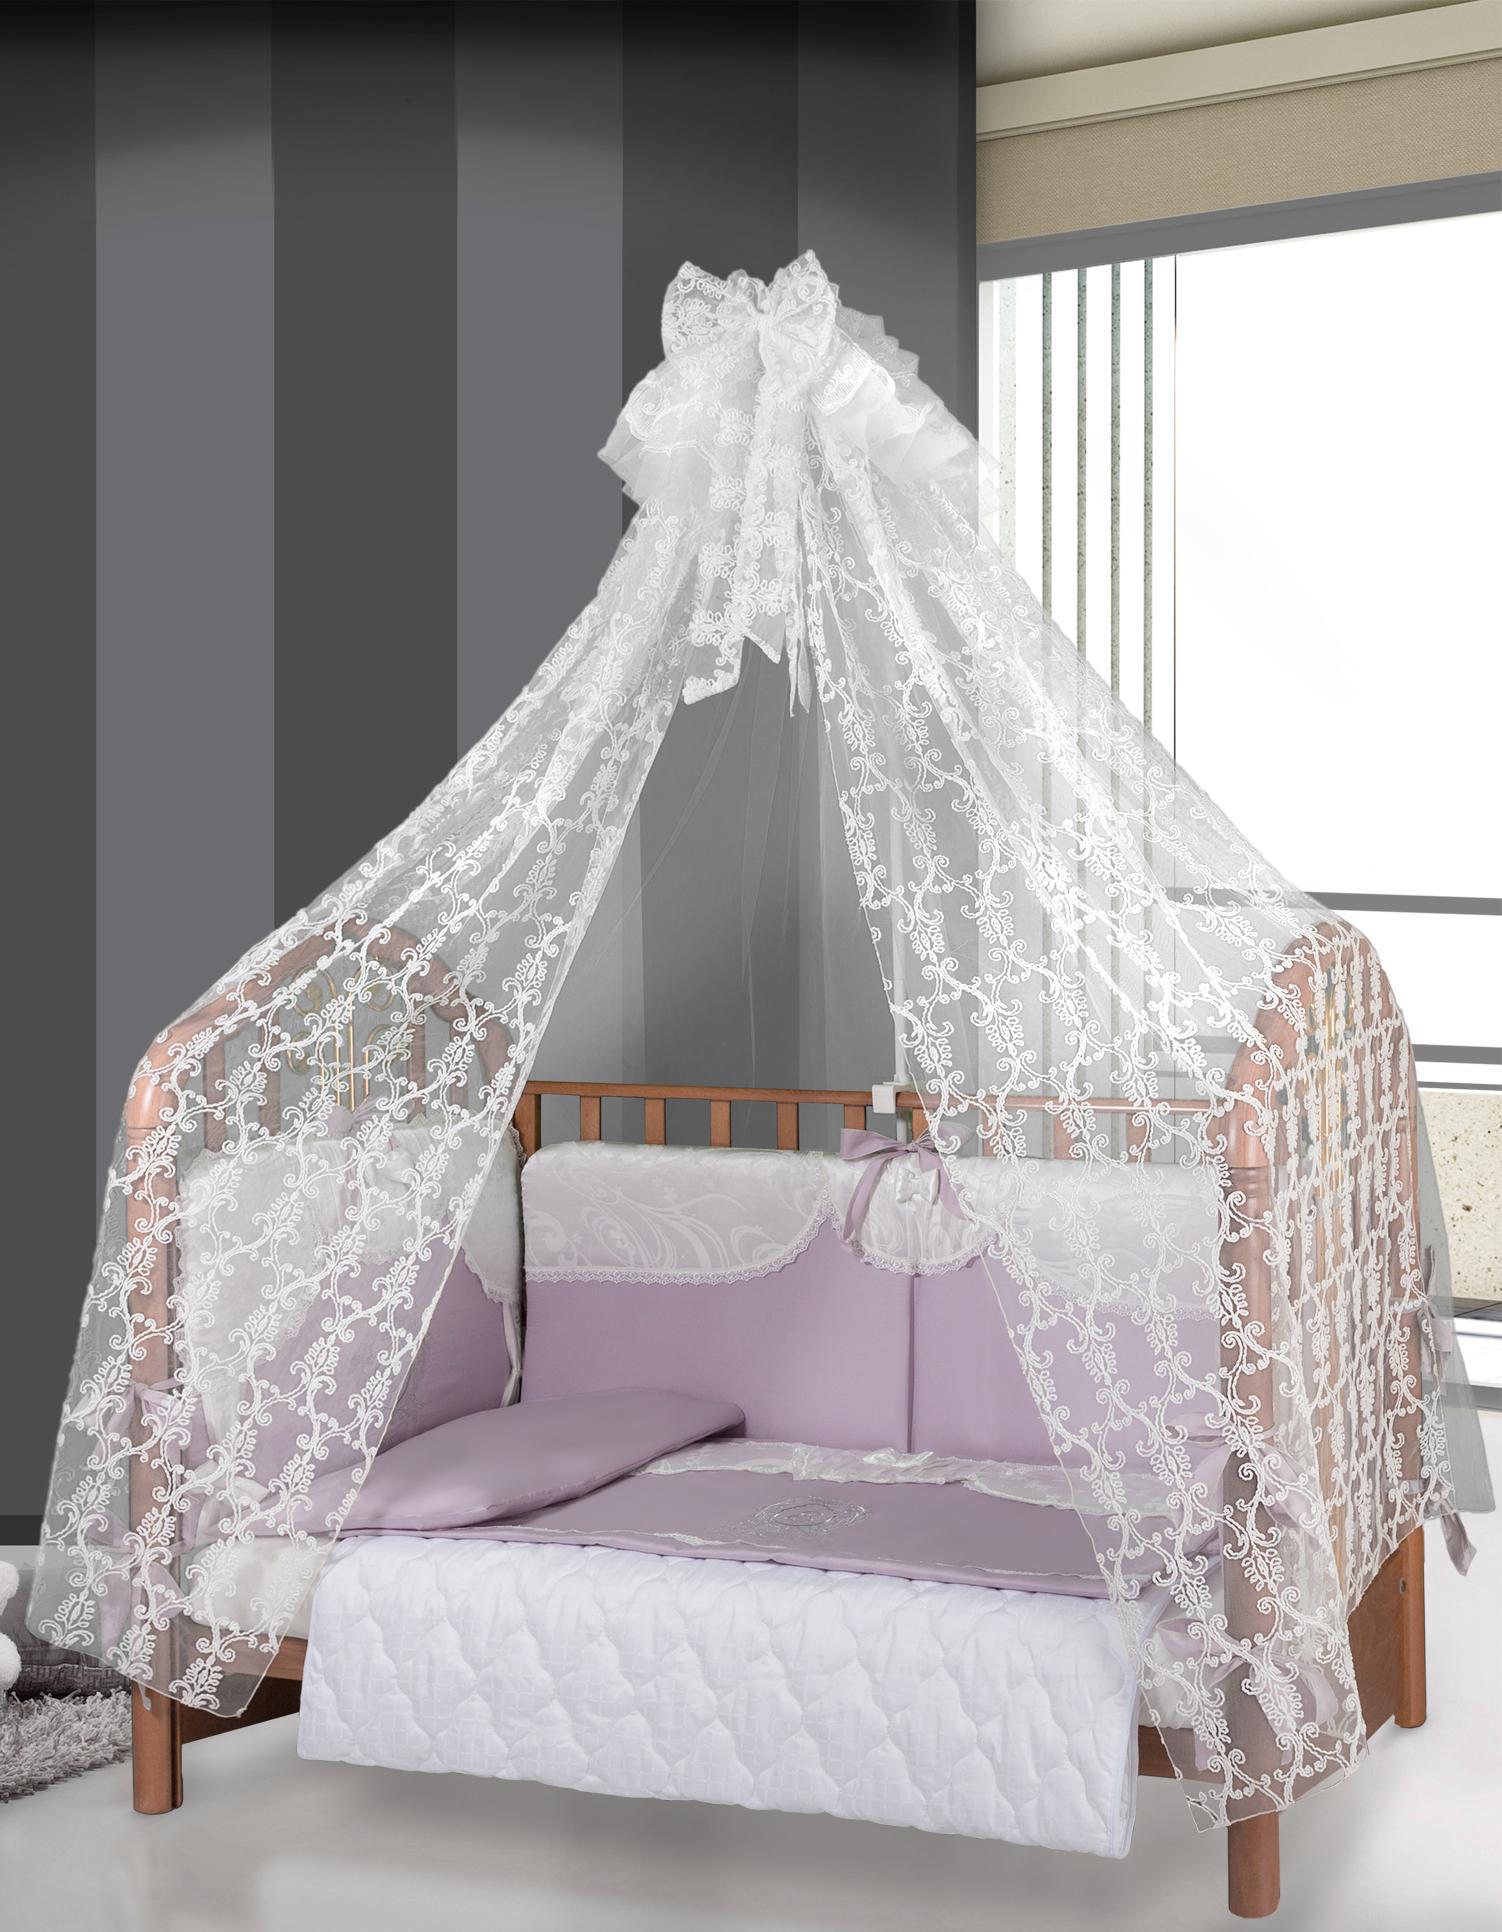 Прозрачный балдахин над детской кроваткой